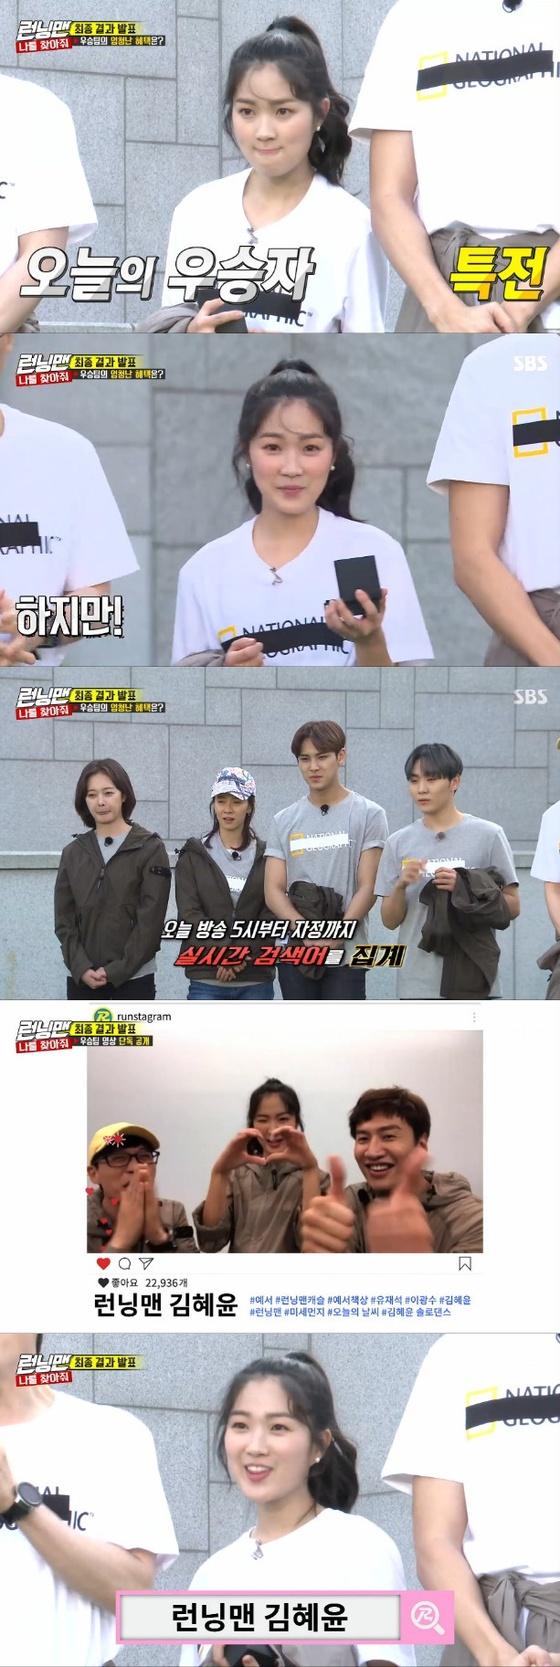 [RE:TV] '런닝맨' 김혜윤, 의심하고 또 의심한 춤실력…'반전매력'